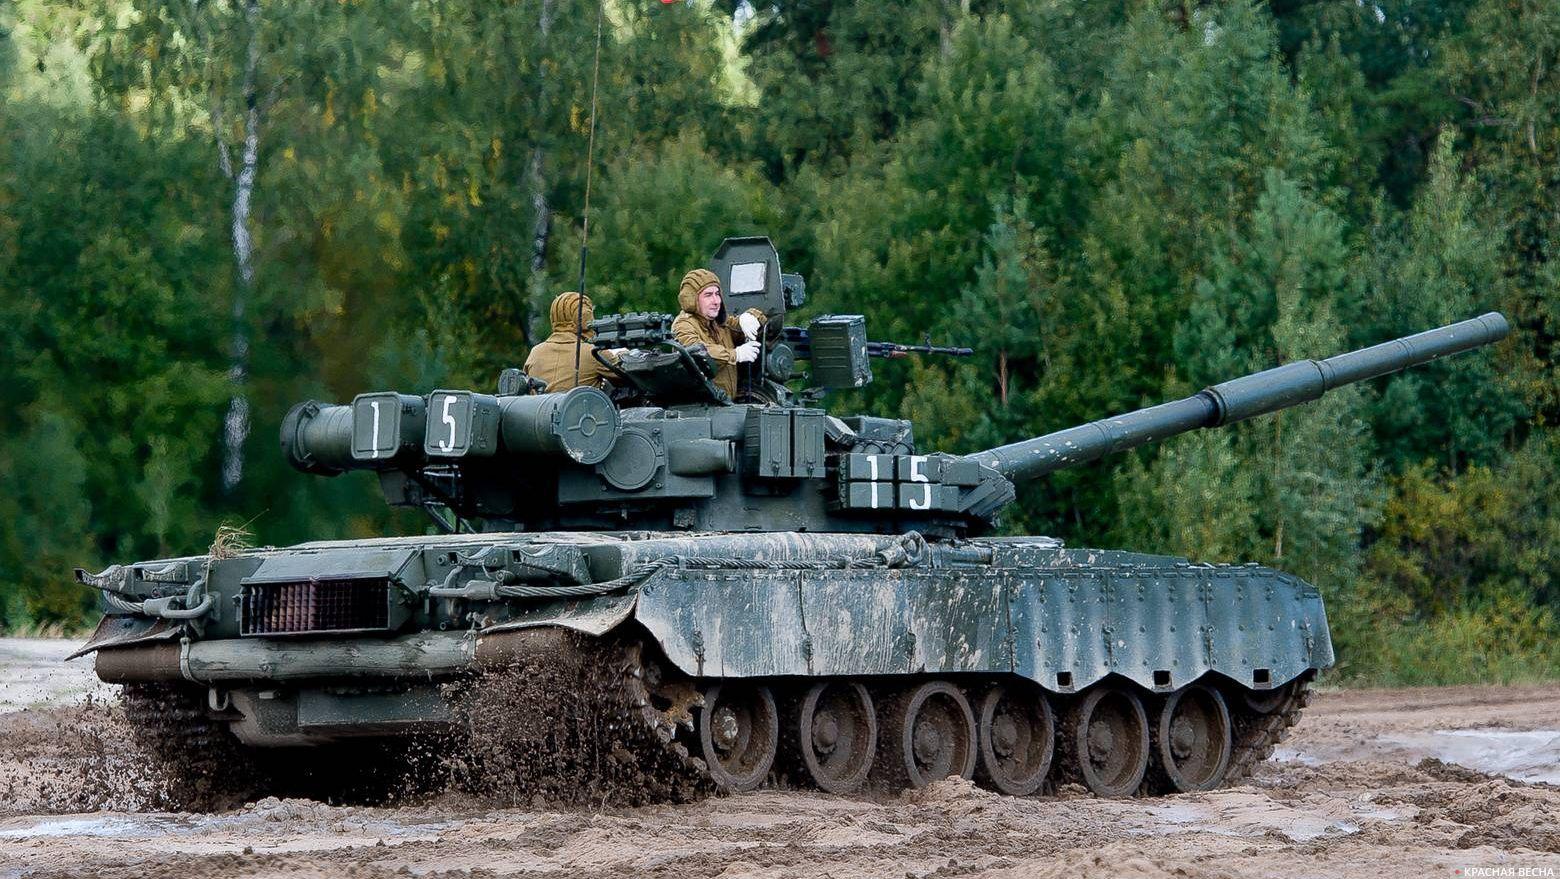 фрезер все российские танки фото кстати победа